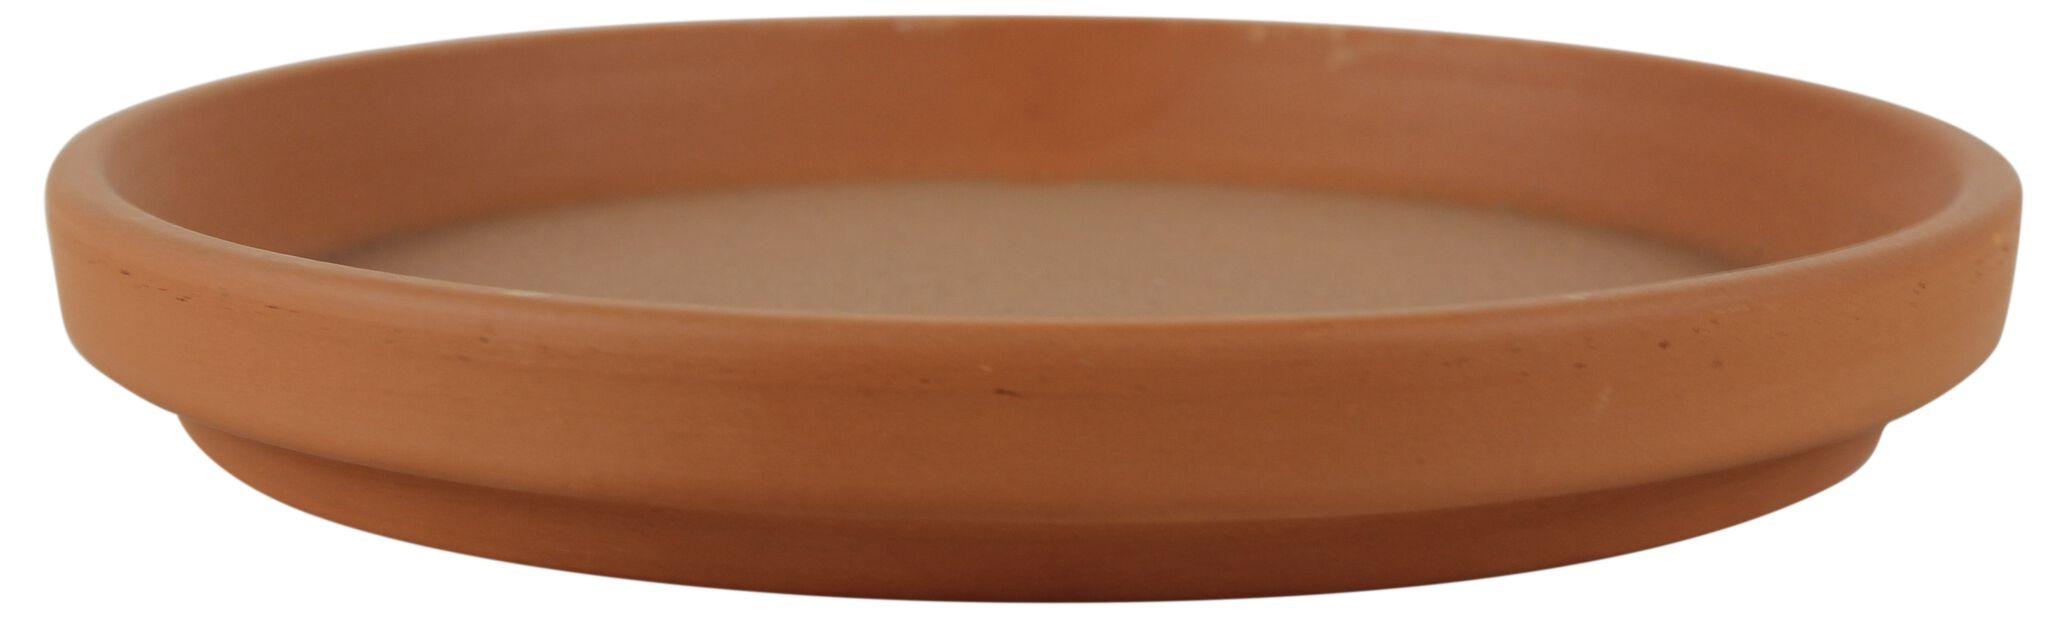 Fat lera, Ø18 cm, Terrakotta